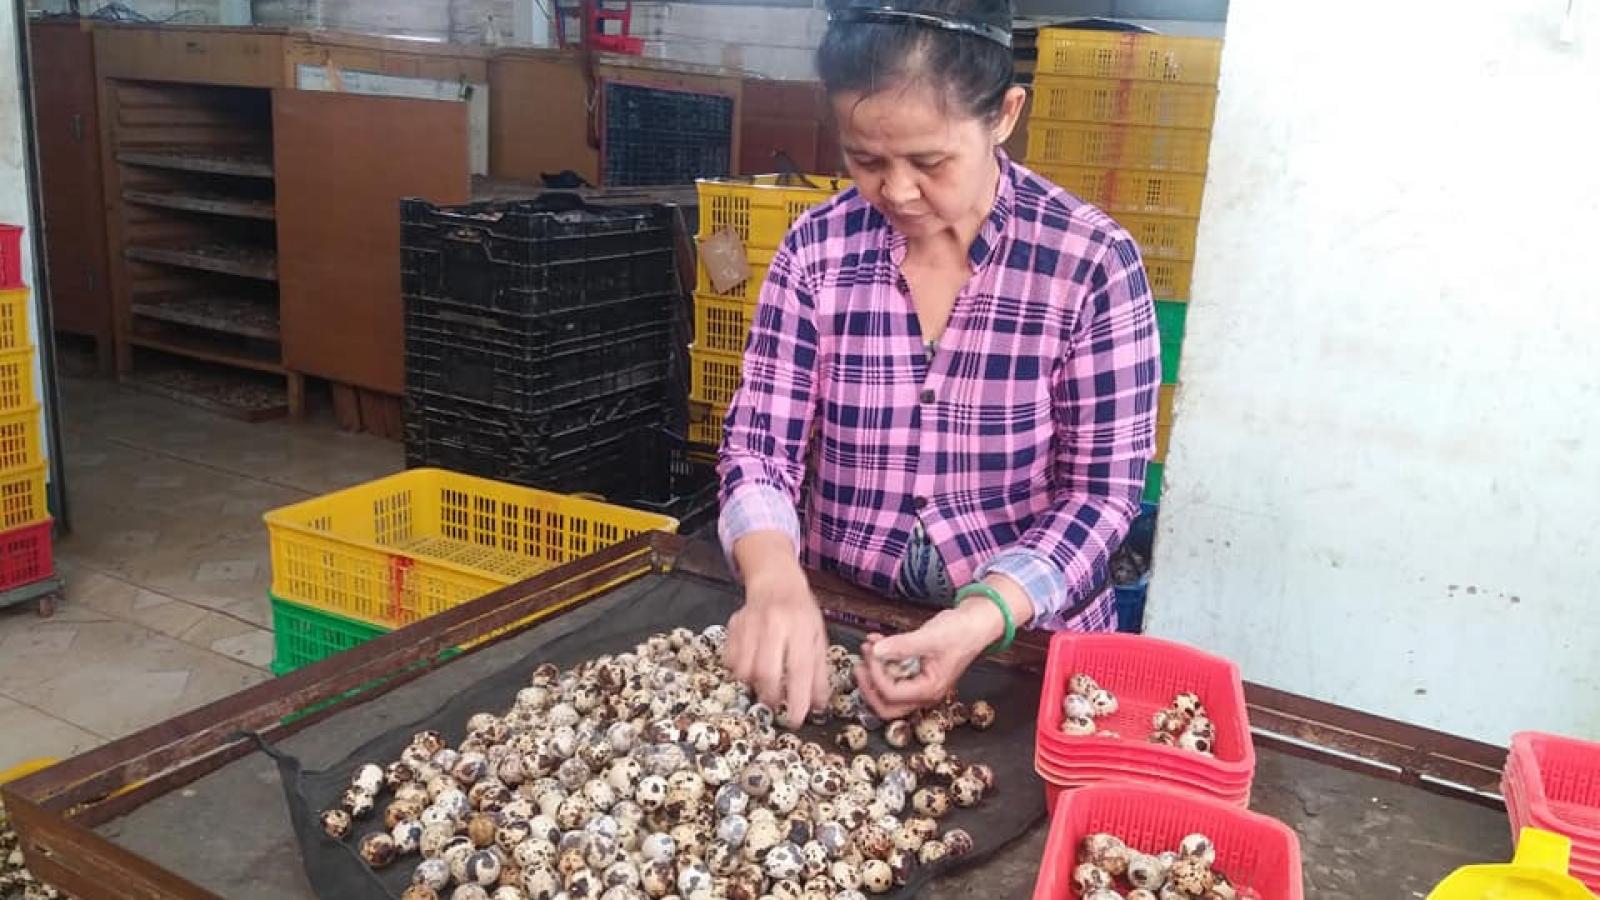 Nông dân Tiền Giang tồn đọng hơn 1 triệu quả trứng chim cút có nguy cơ đổ bỏ